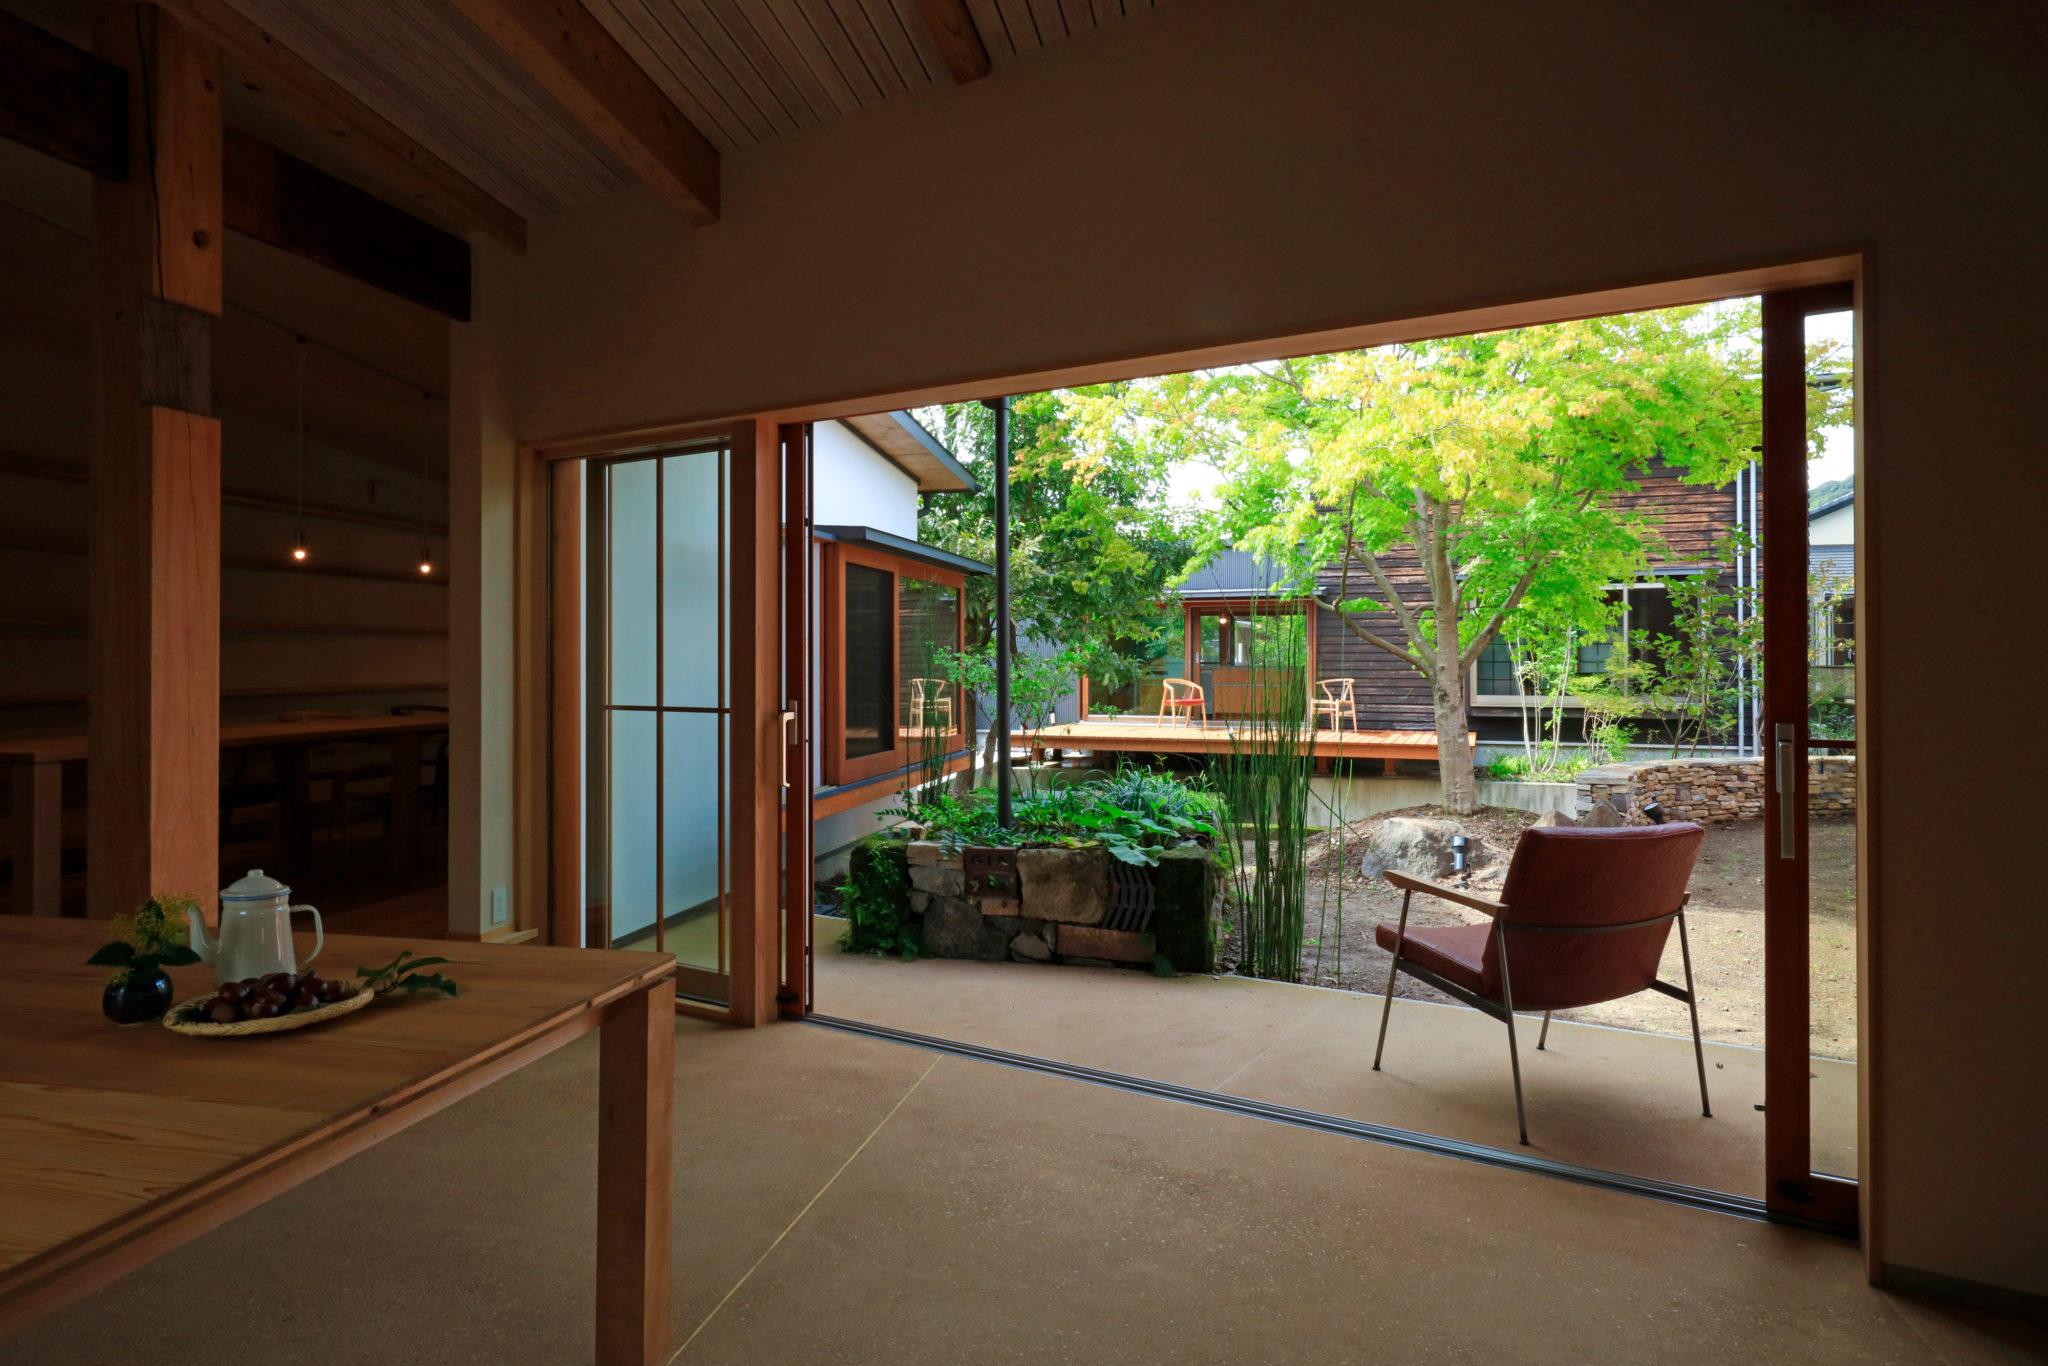 ぷらん・にじゅういち(趙海光)中庭が美しい平屋の現代町家